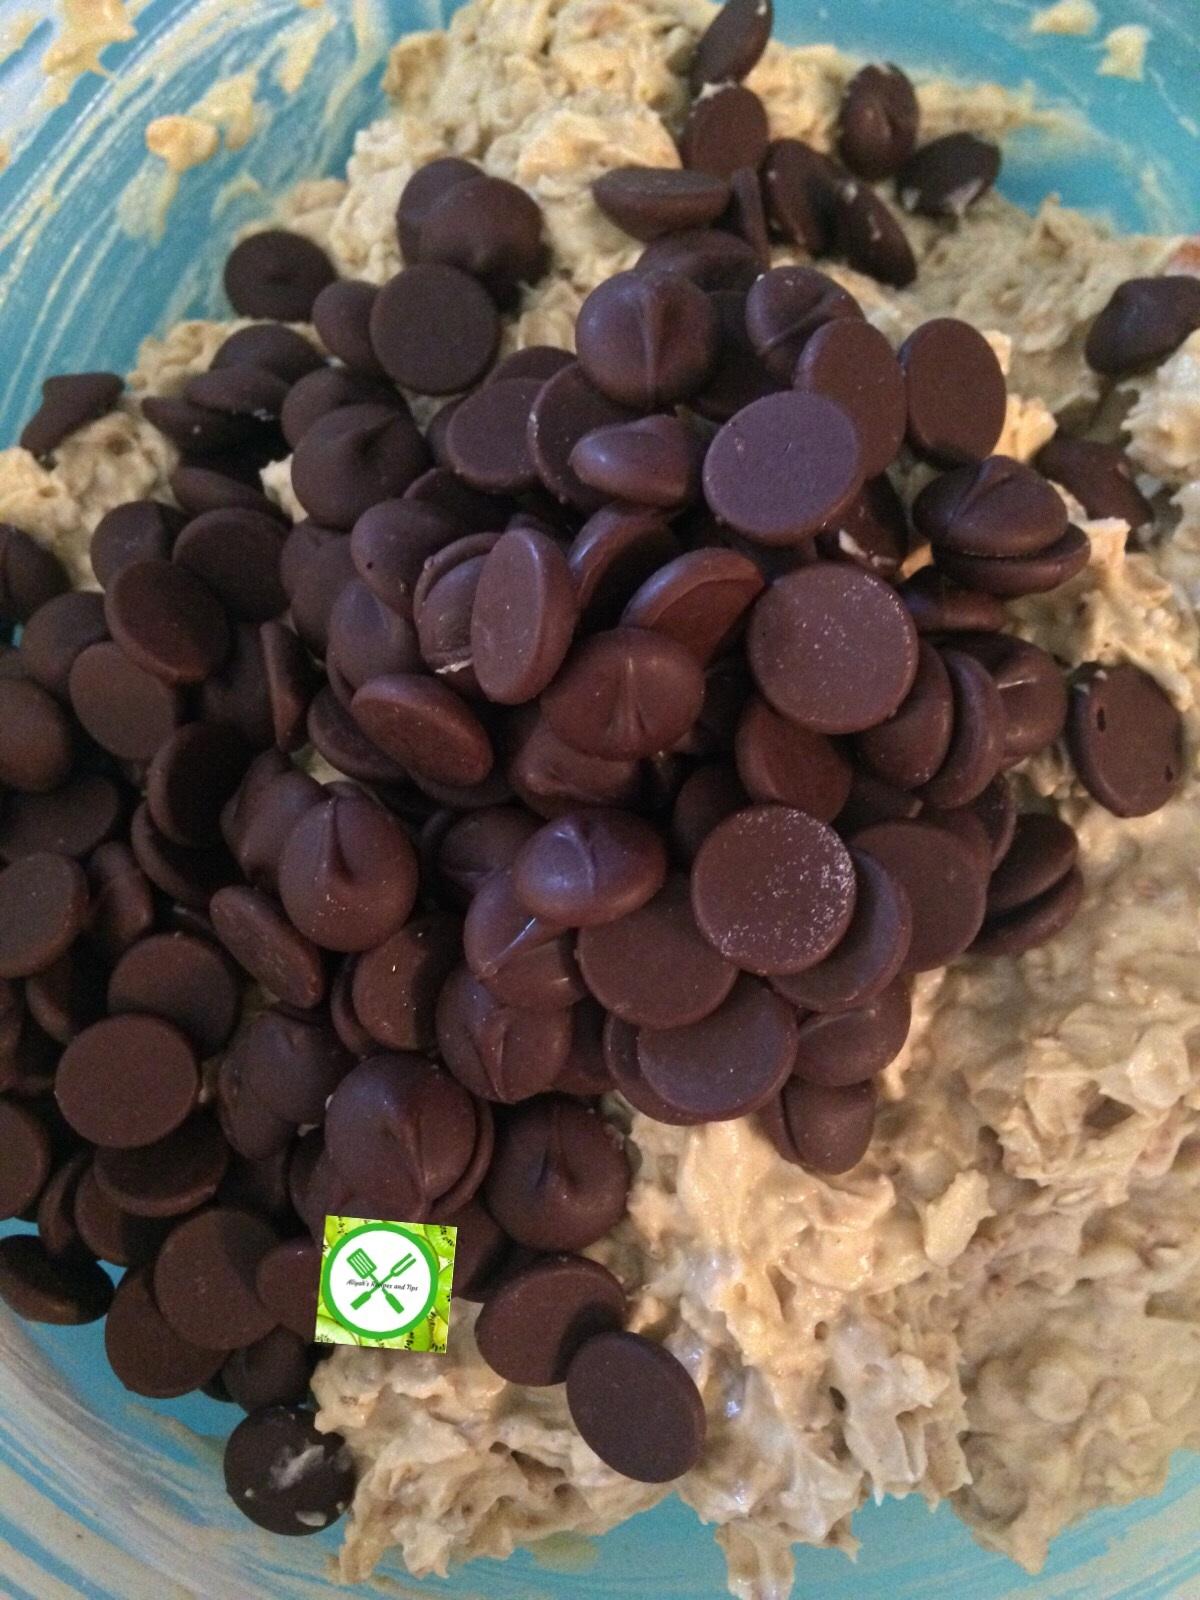 Oatmeal choco add choco